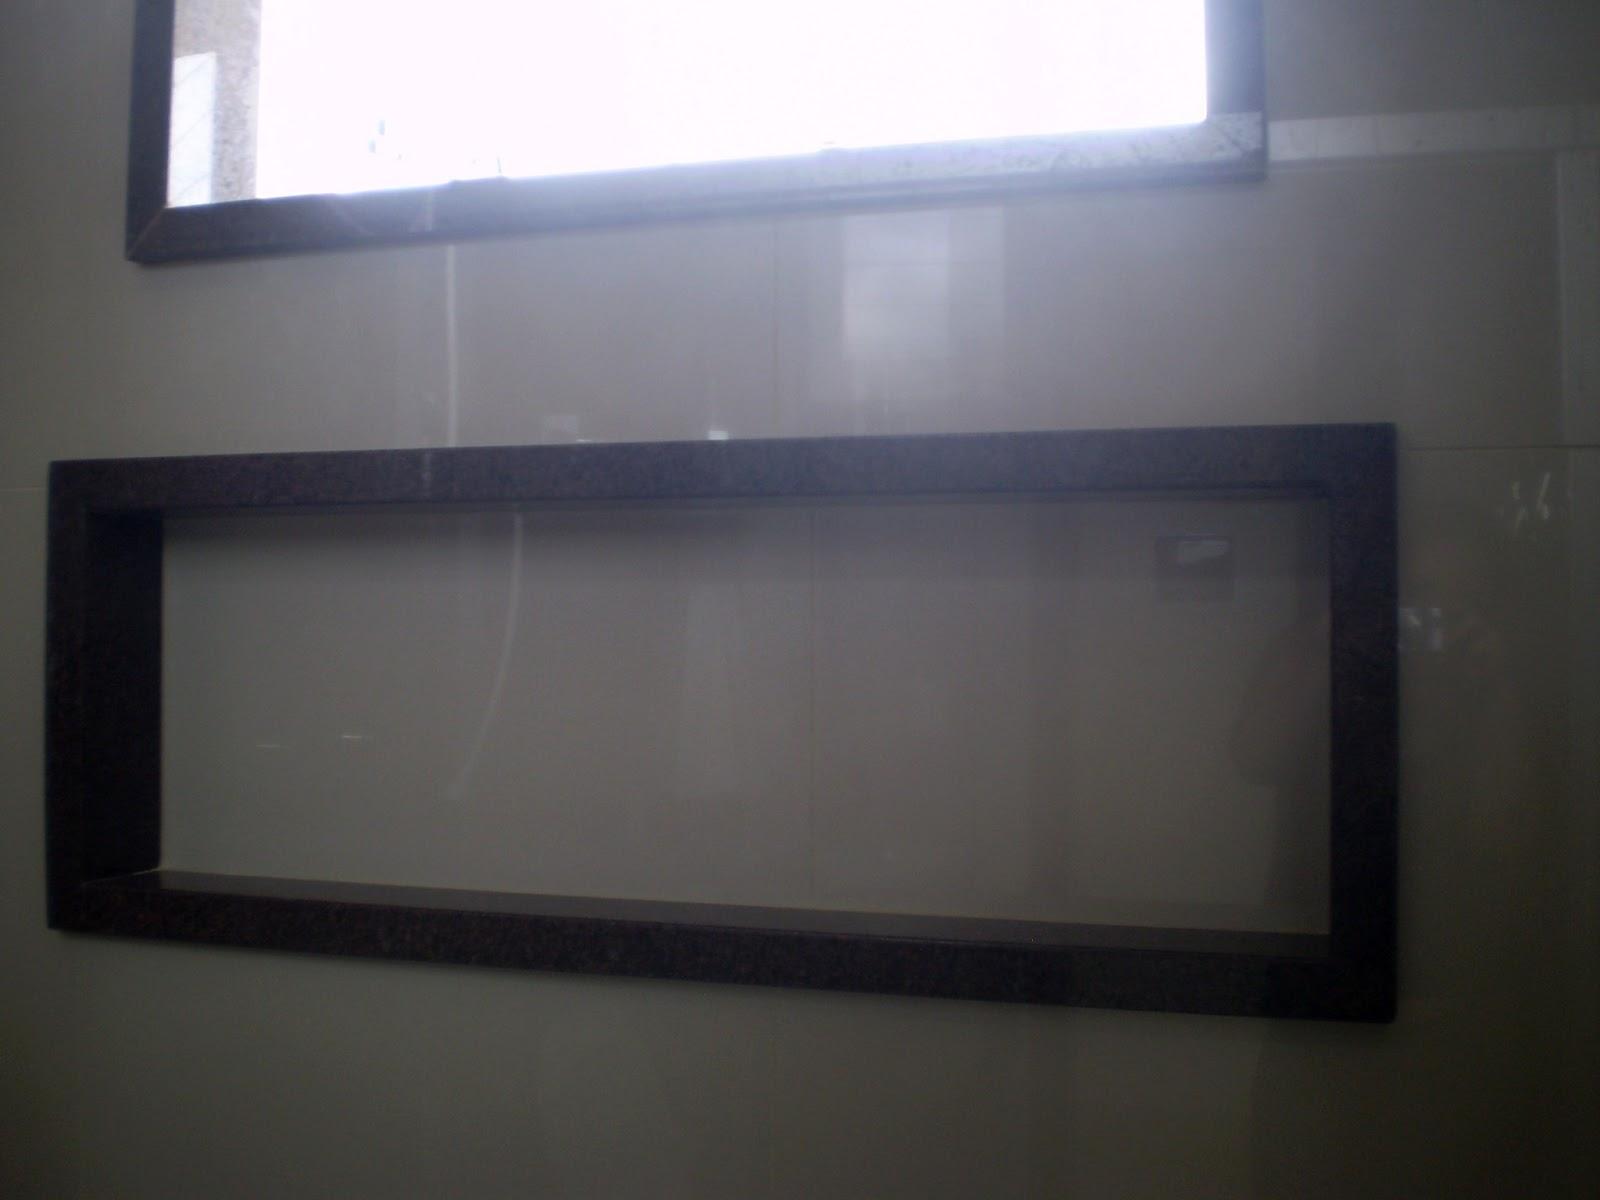 Casa da Áurea Bordas em nichos e janelas de banheiro -> Nicho Embaixo Da Janela Banheiro